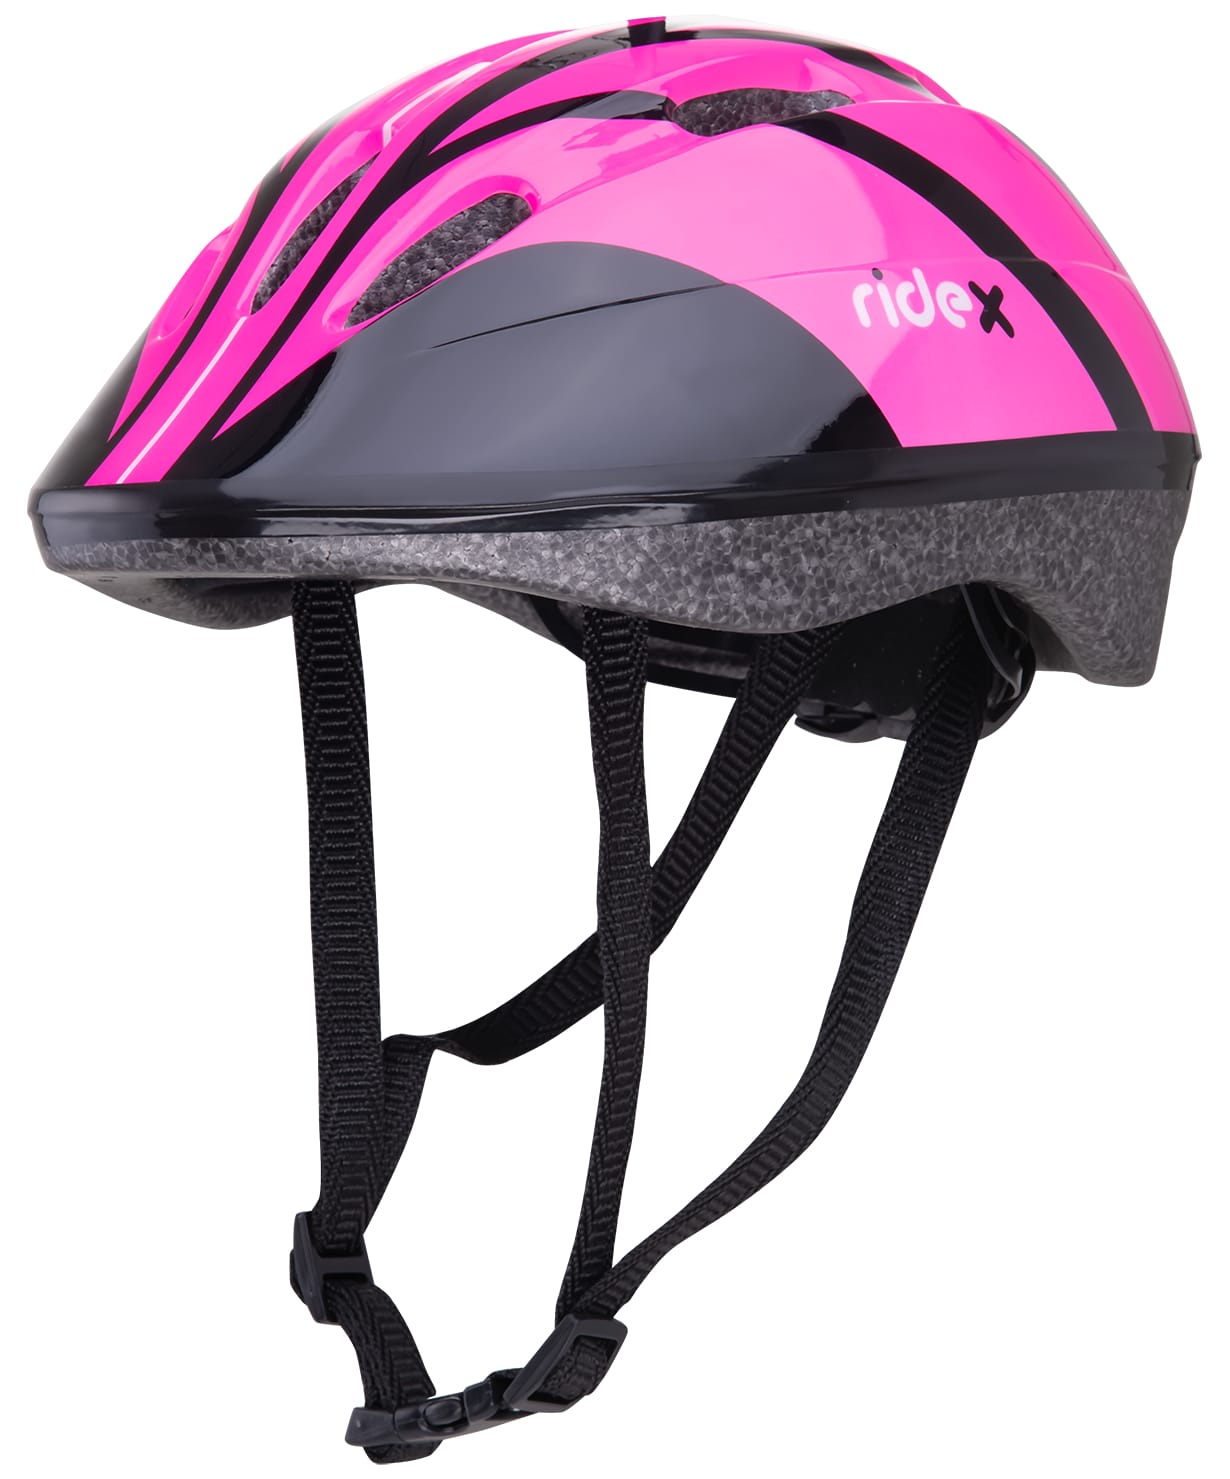 Шлем защитный Ridex Rapid, розовый шлем ridex ут 00008189 cyclone синий чёрный